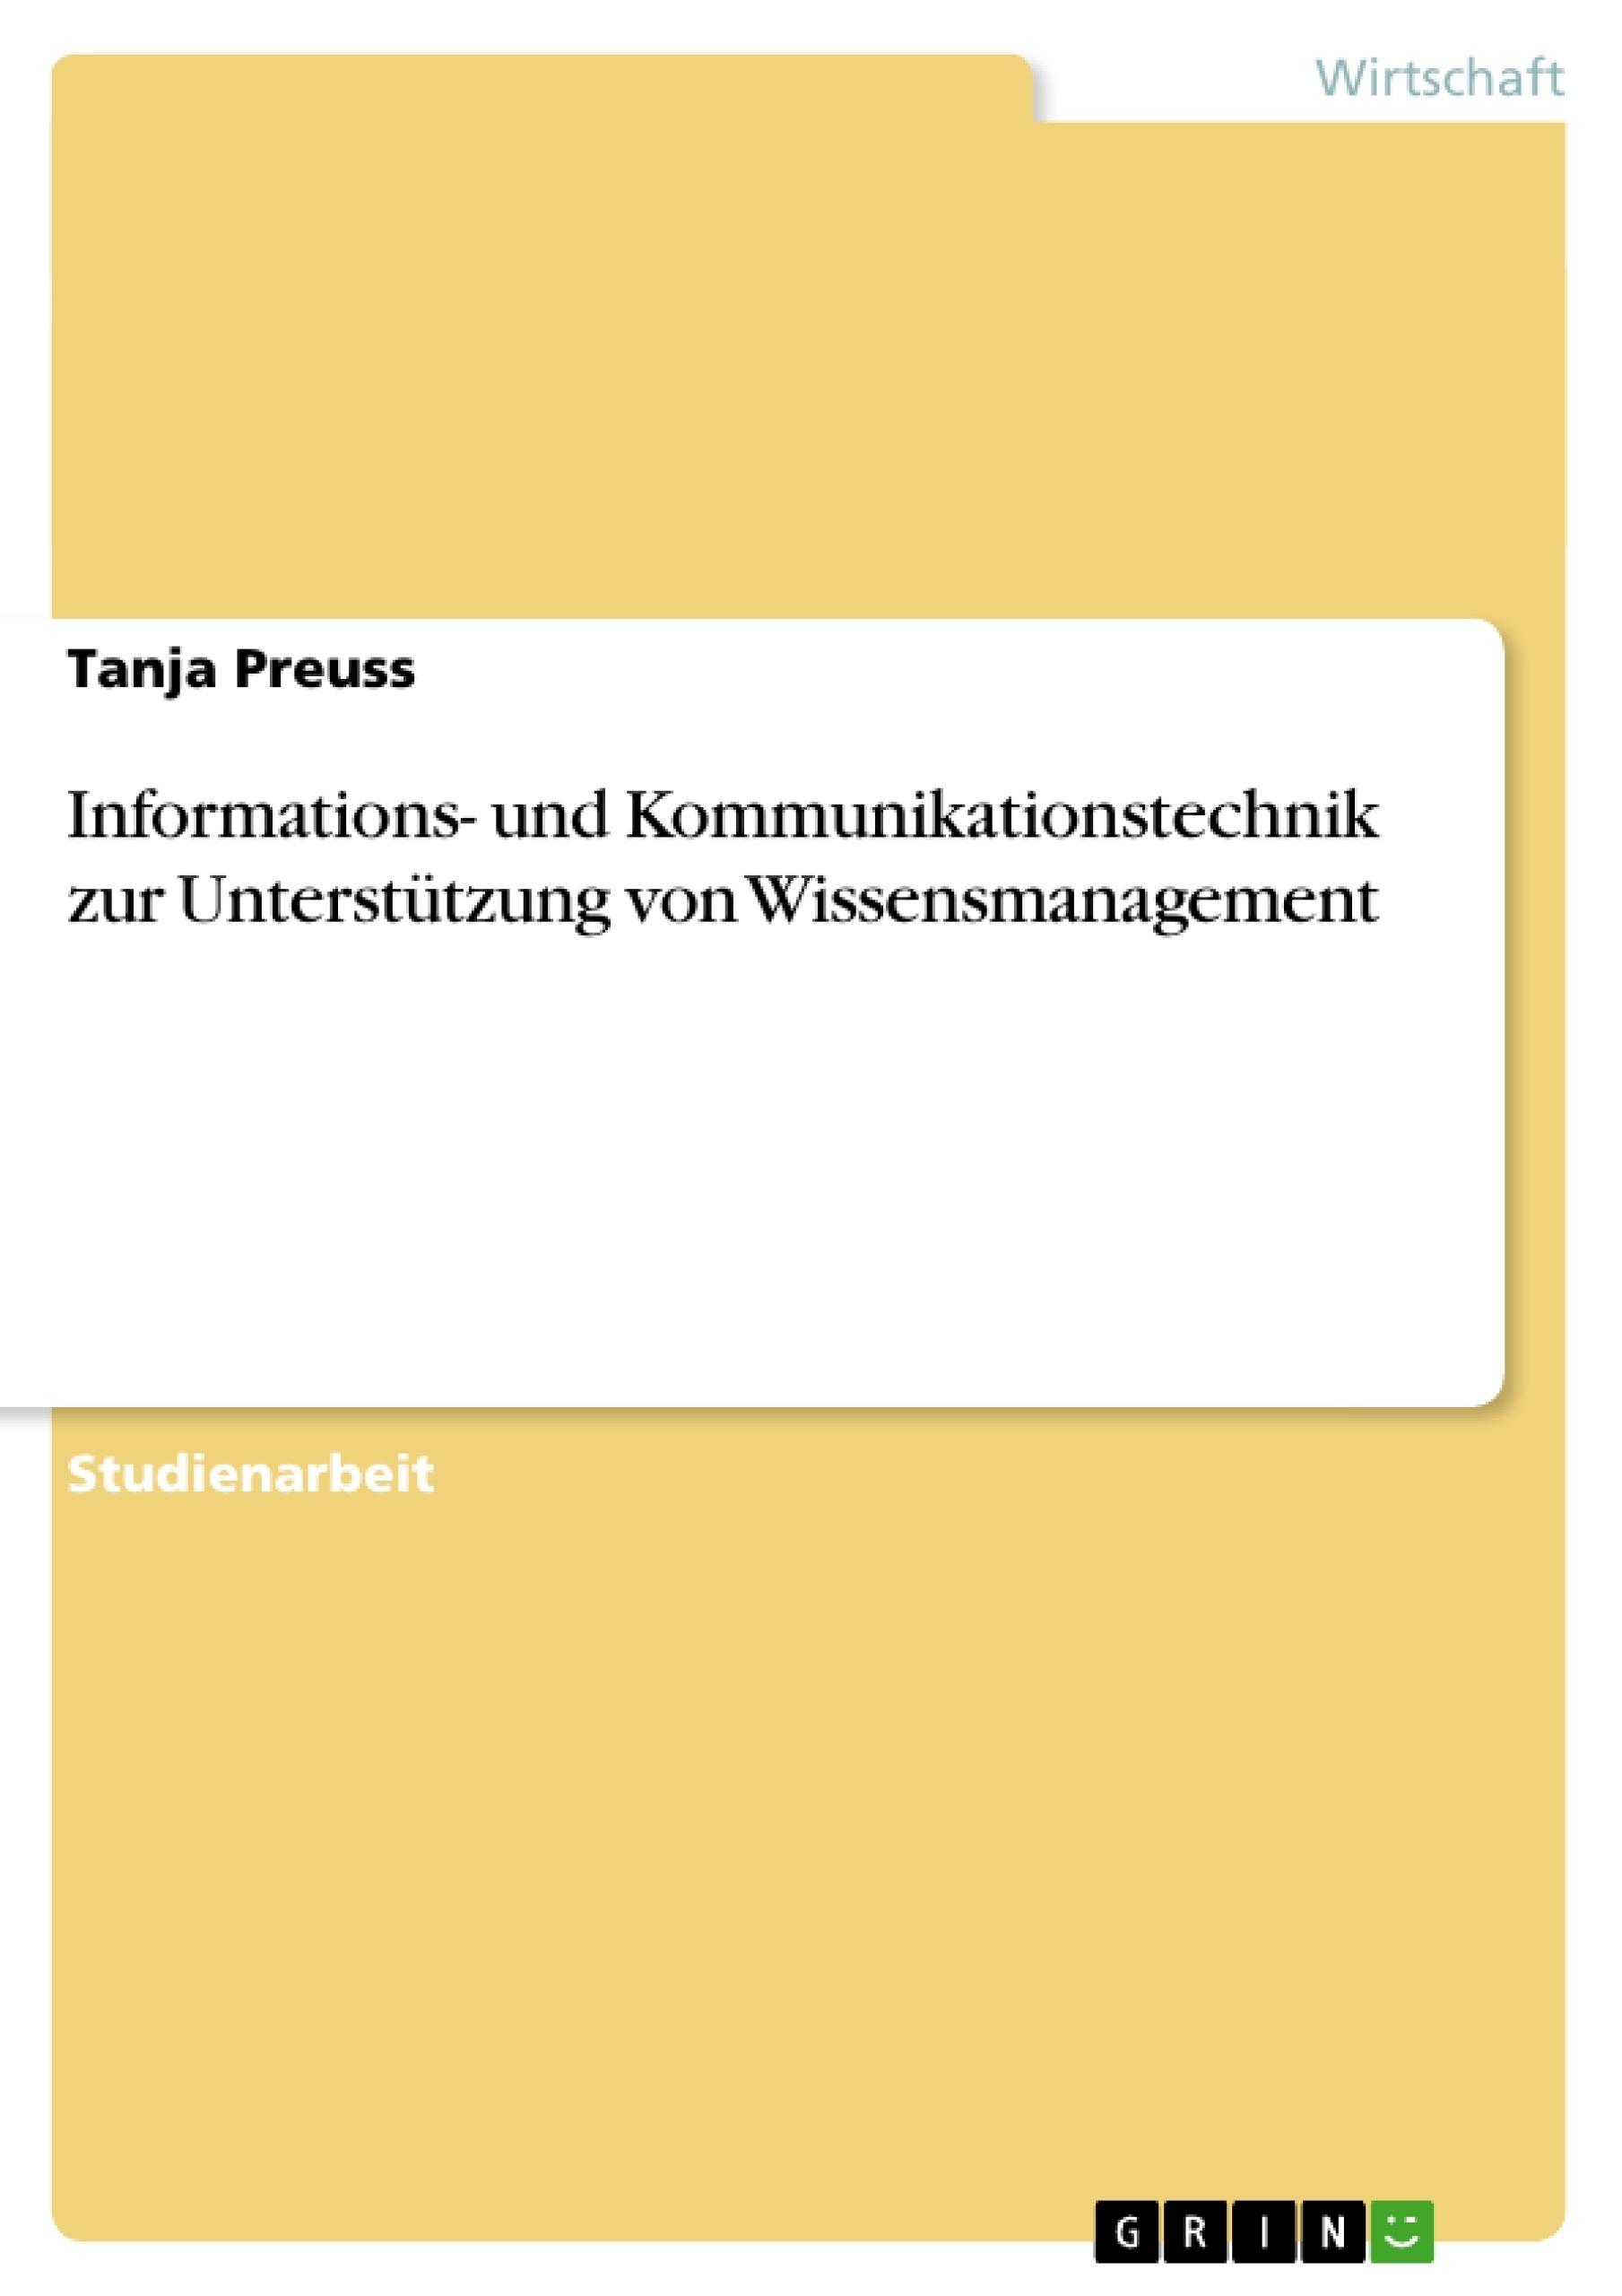 Titel: Informations- und Kommunikationstechnik zur Unterstützung von Wissensmanagement